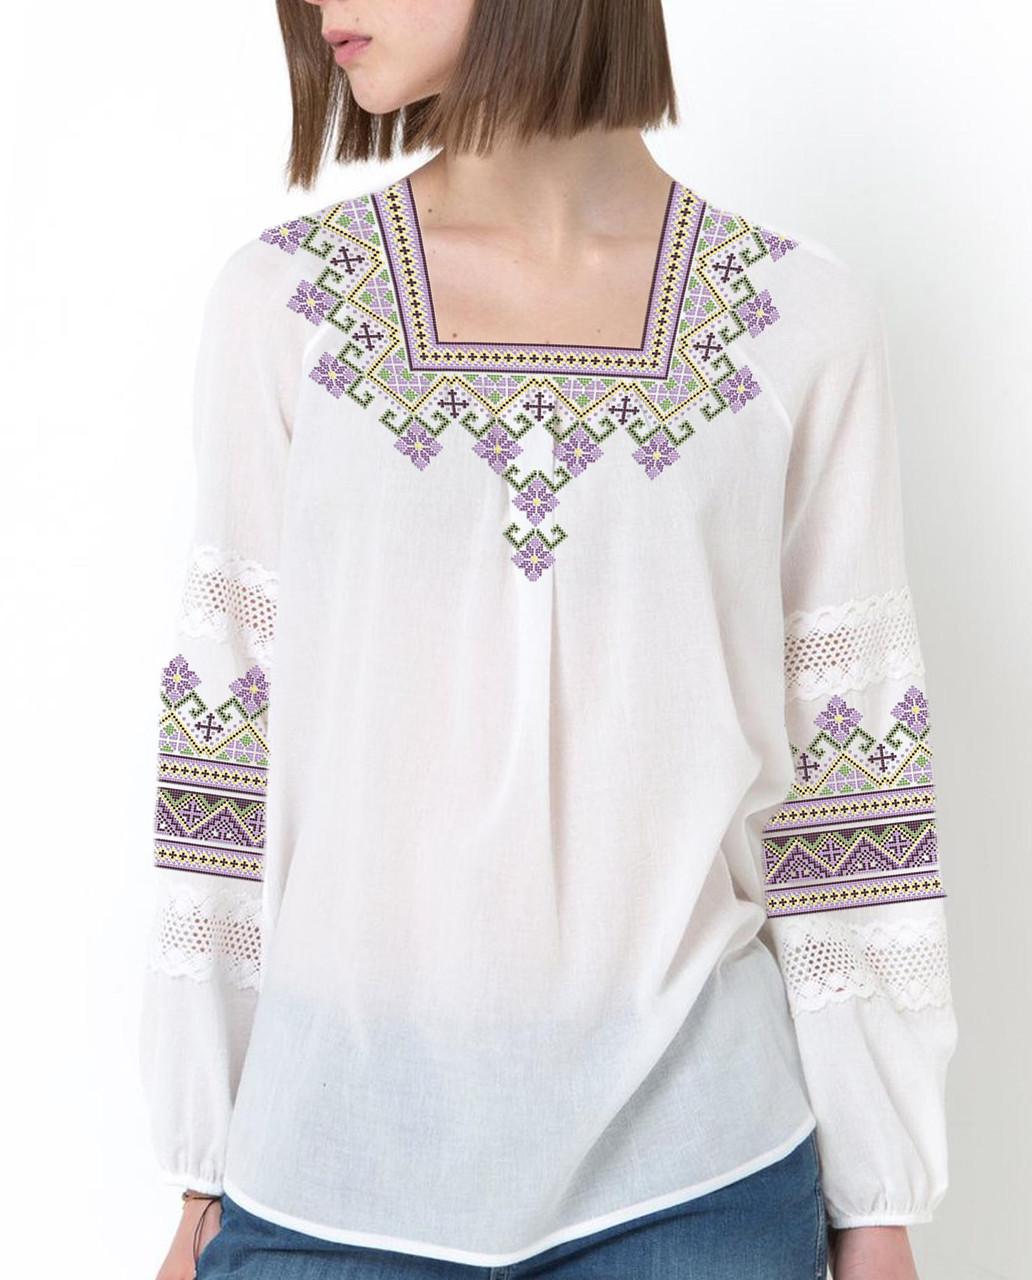 Заготовка вышиванки женской сорочки / блузы для вышивки бисером «Світанкова»